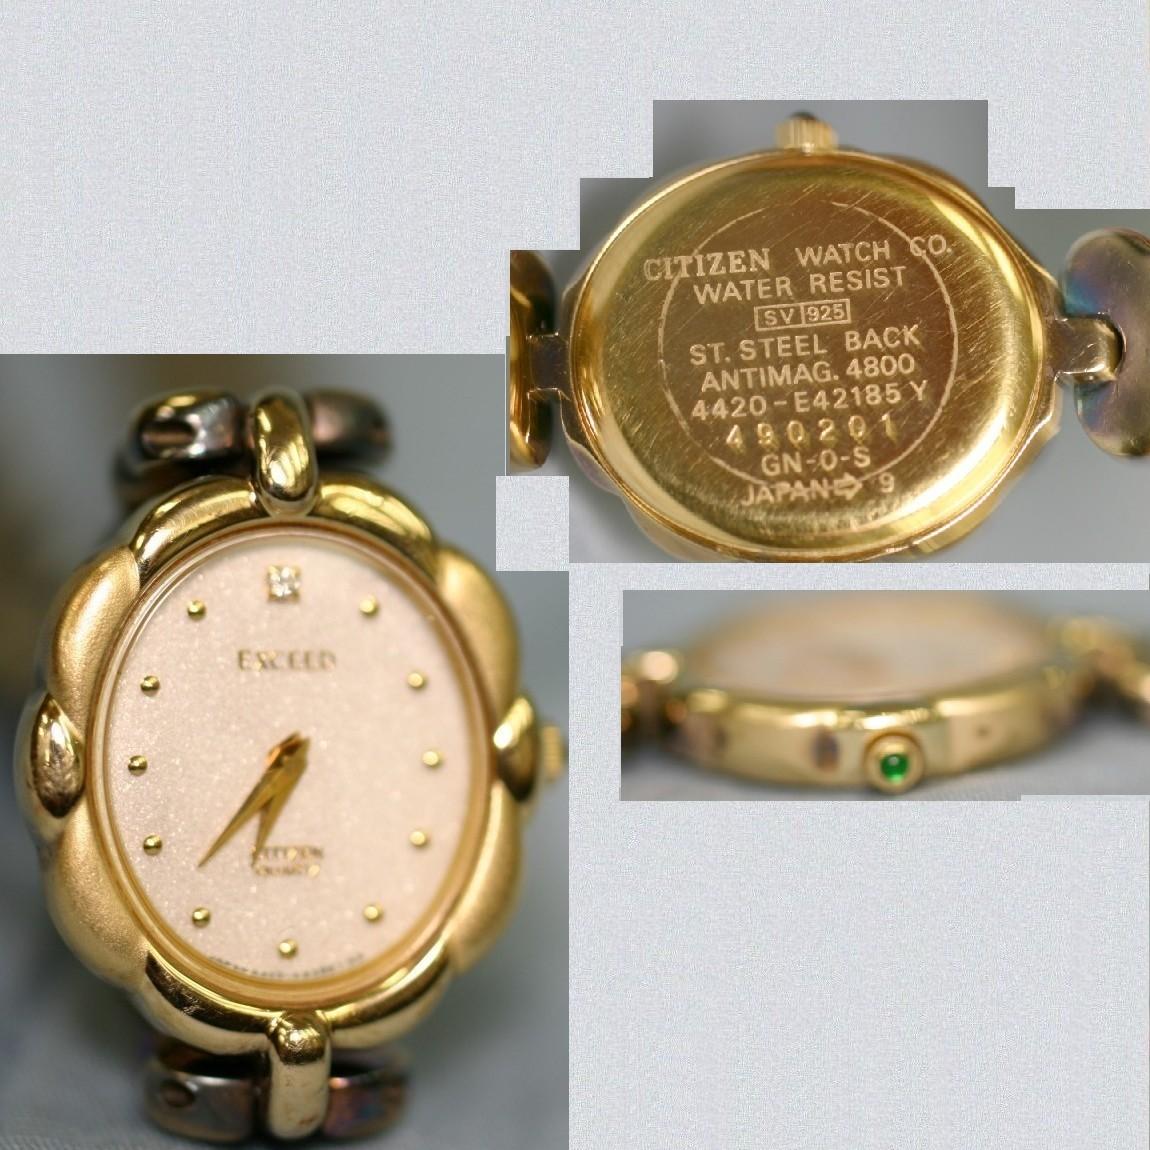 【中古】本物完動品シチズン女性用時計エクシ-ド金色楕円ダイヤ付アンティ-クな作り